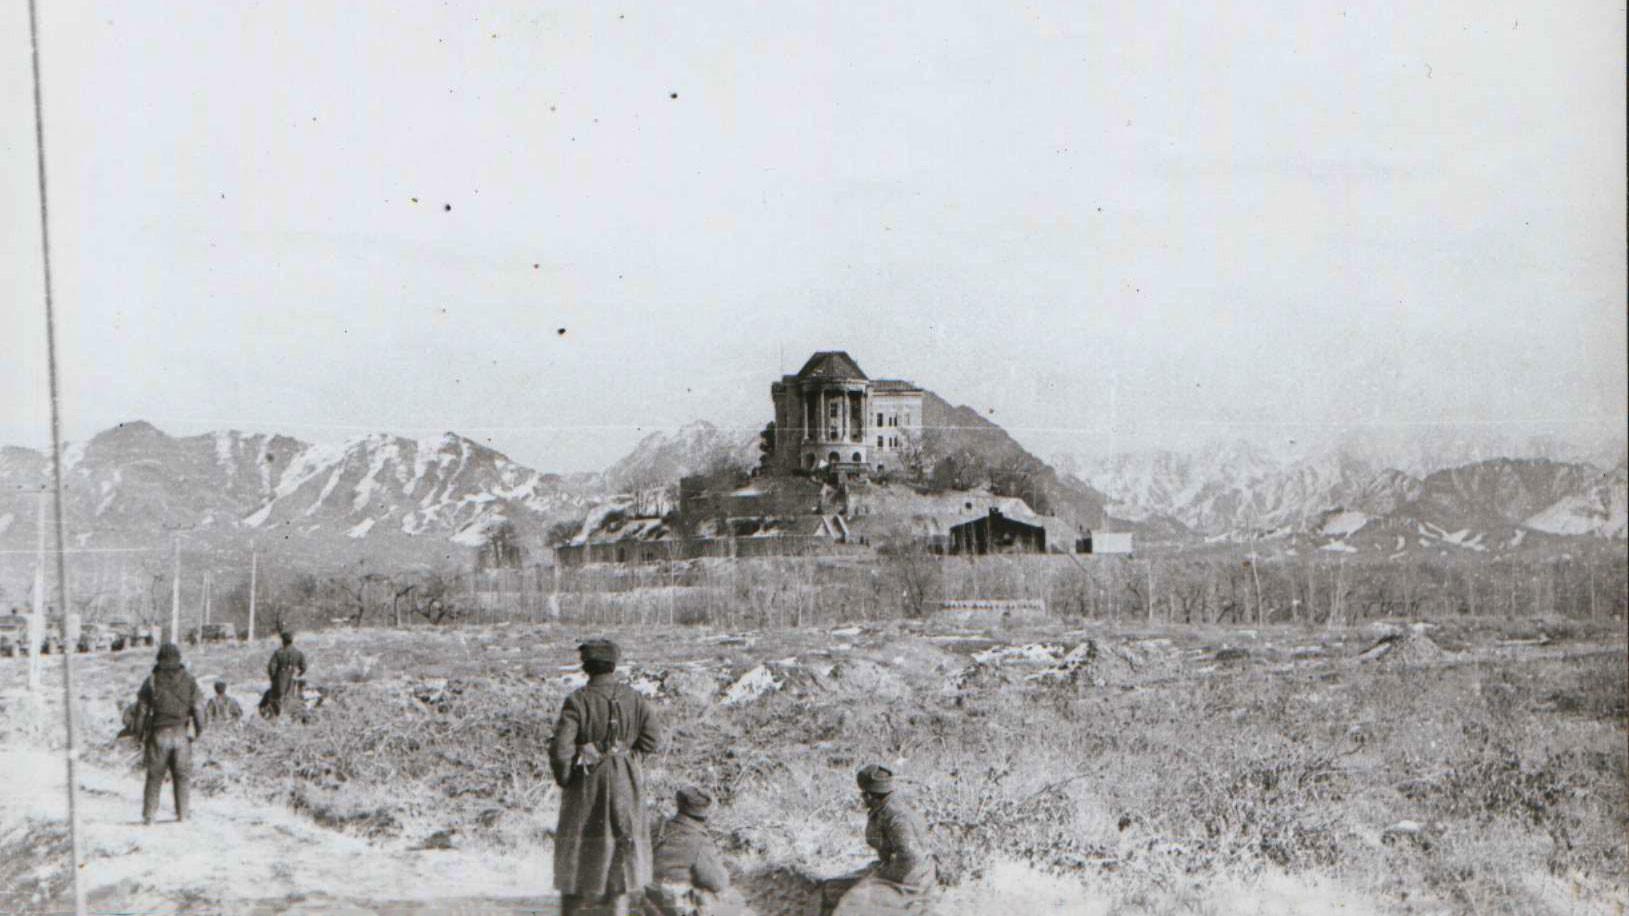 Дворец со стороны правого крыла после штурма 27 декабря 1979 года. Фото: © Wikipedia.org